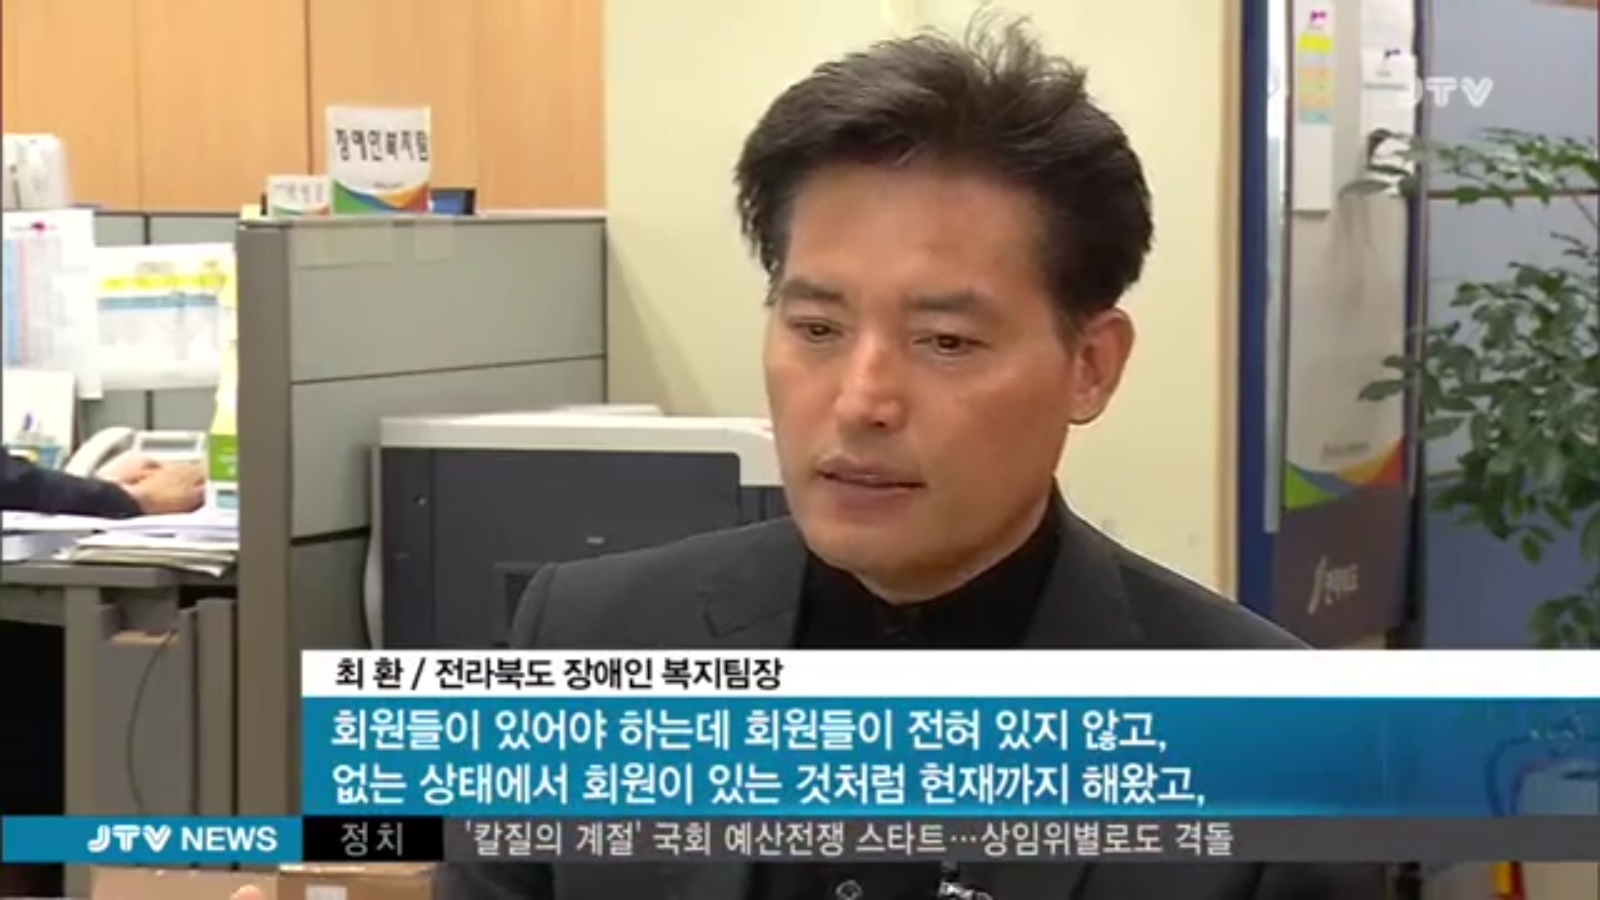 [17.11.05 JTV] 봉침목사 시설 모태인 단체도 설립부터 '엉터리'...줄줄 새는 보조금6.jpg